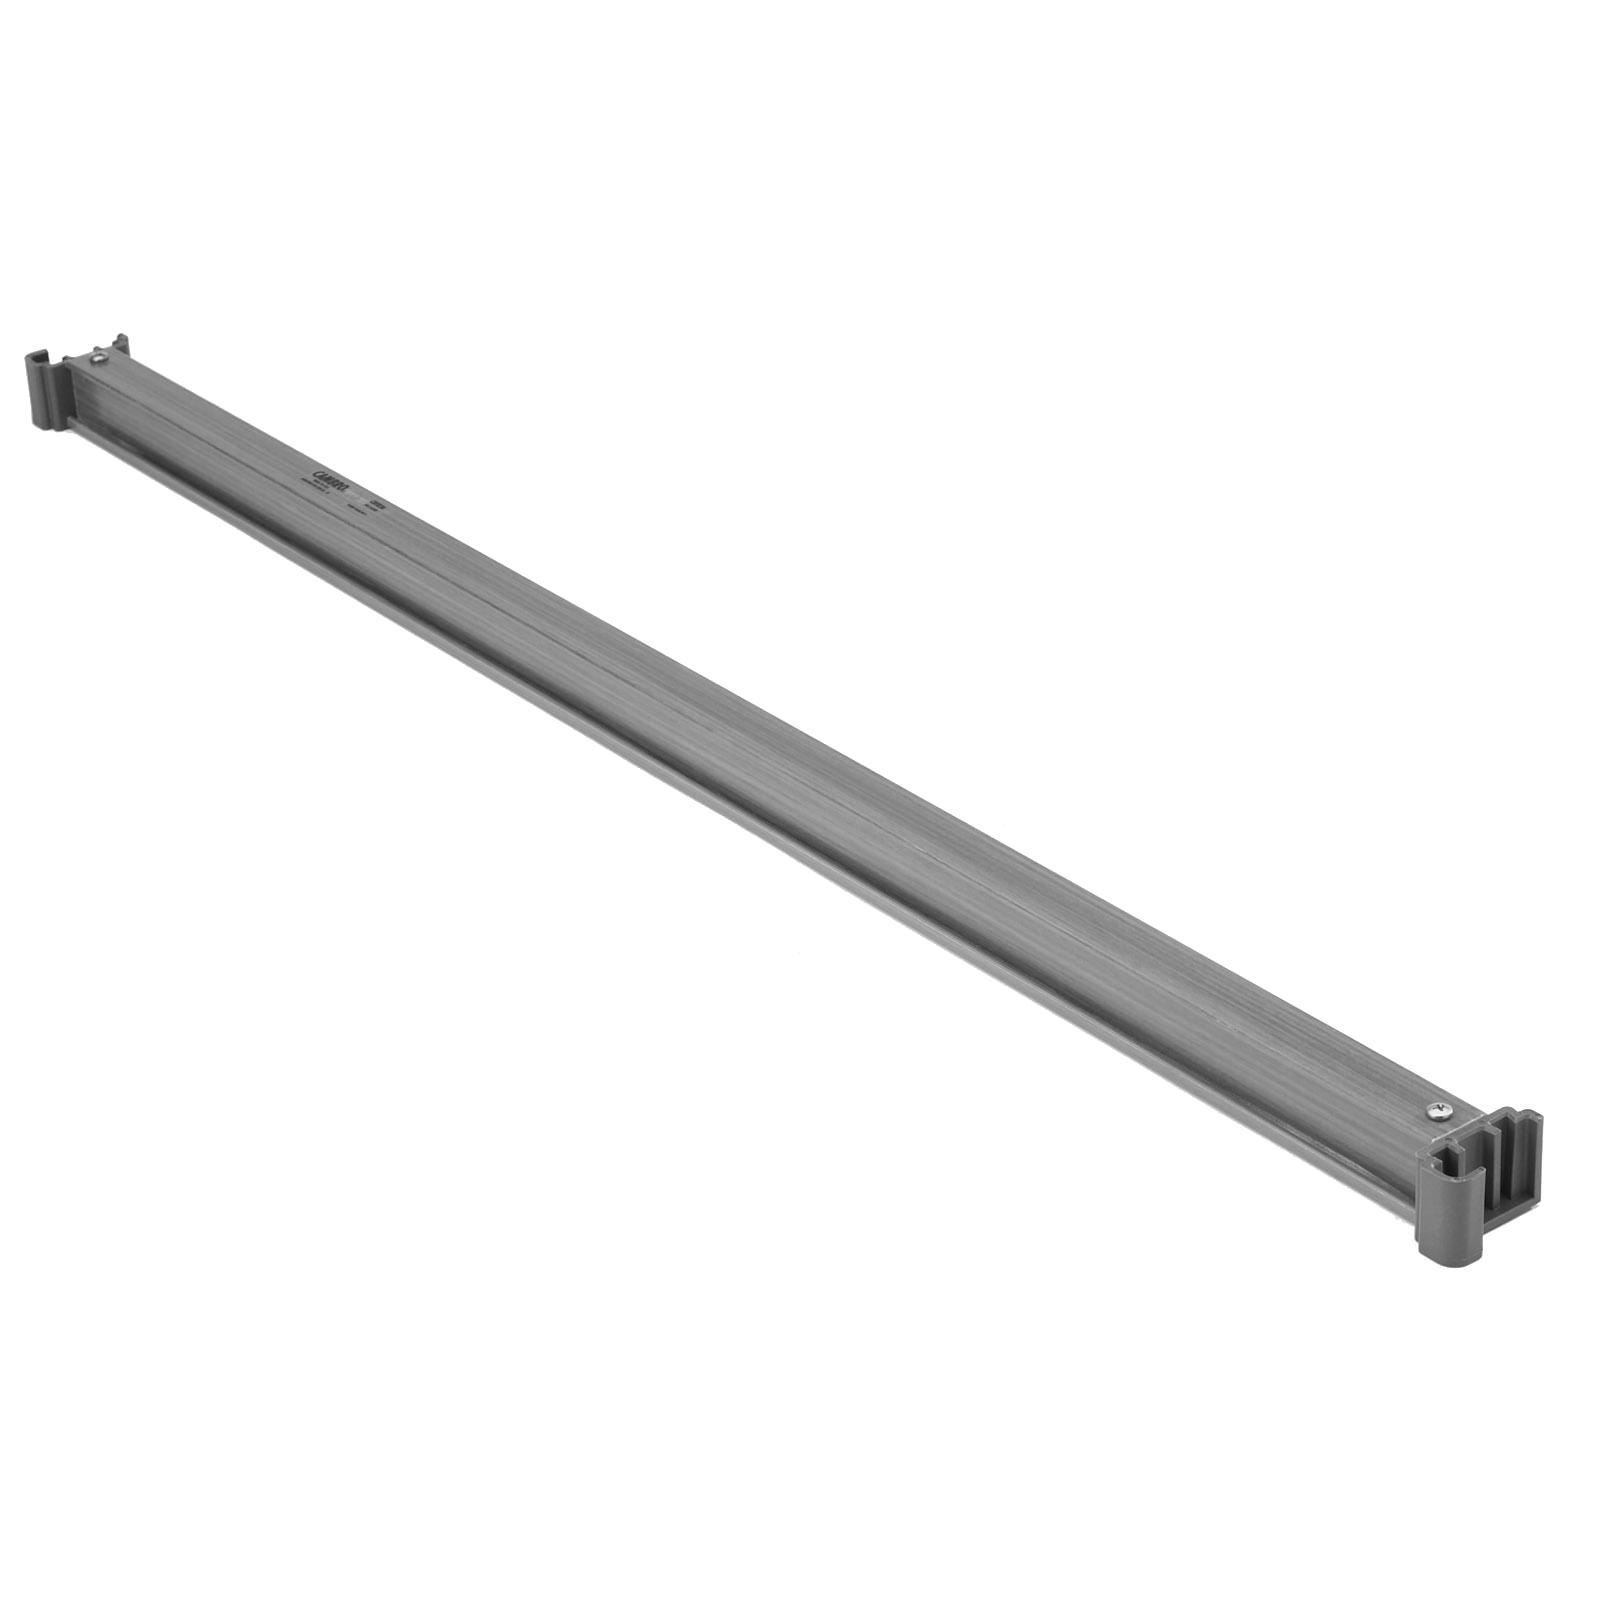 Cambro CBTR54580 shelving/shelving systems